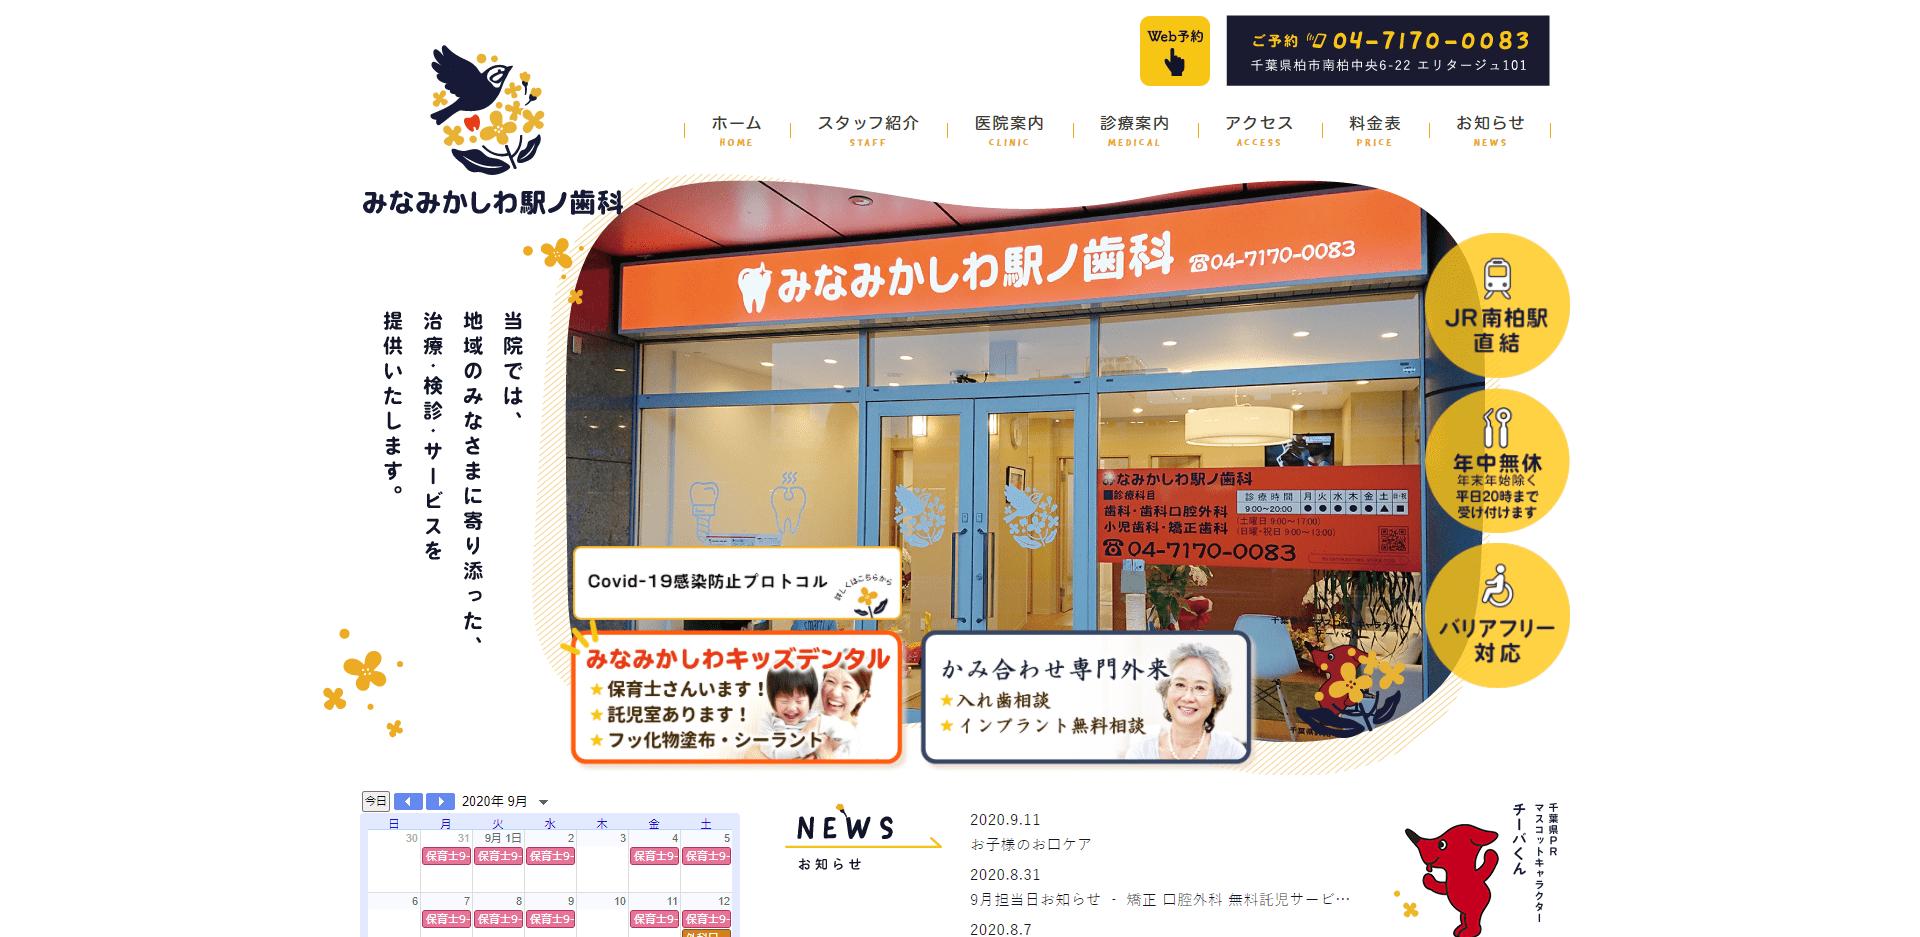 みなみかしわ駅ノ歯科(サイトイメージ)